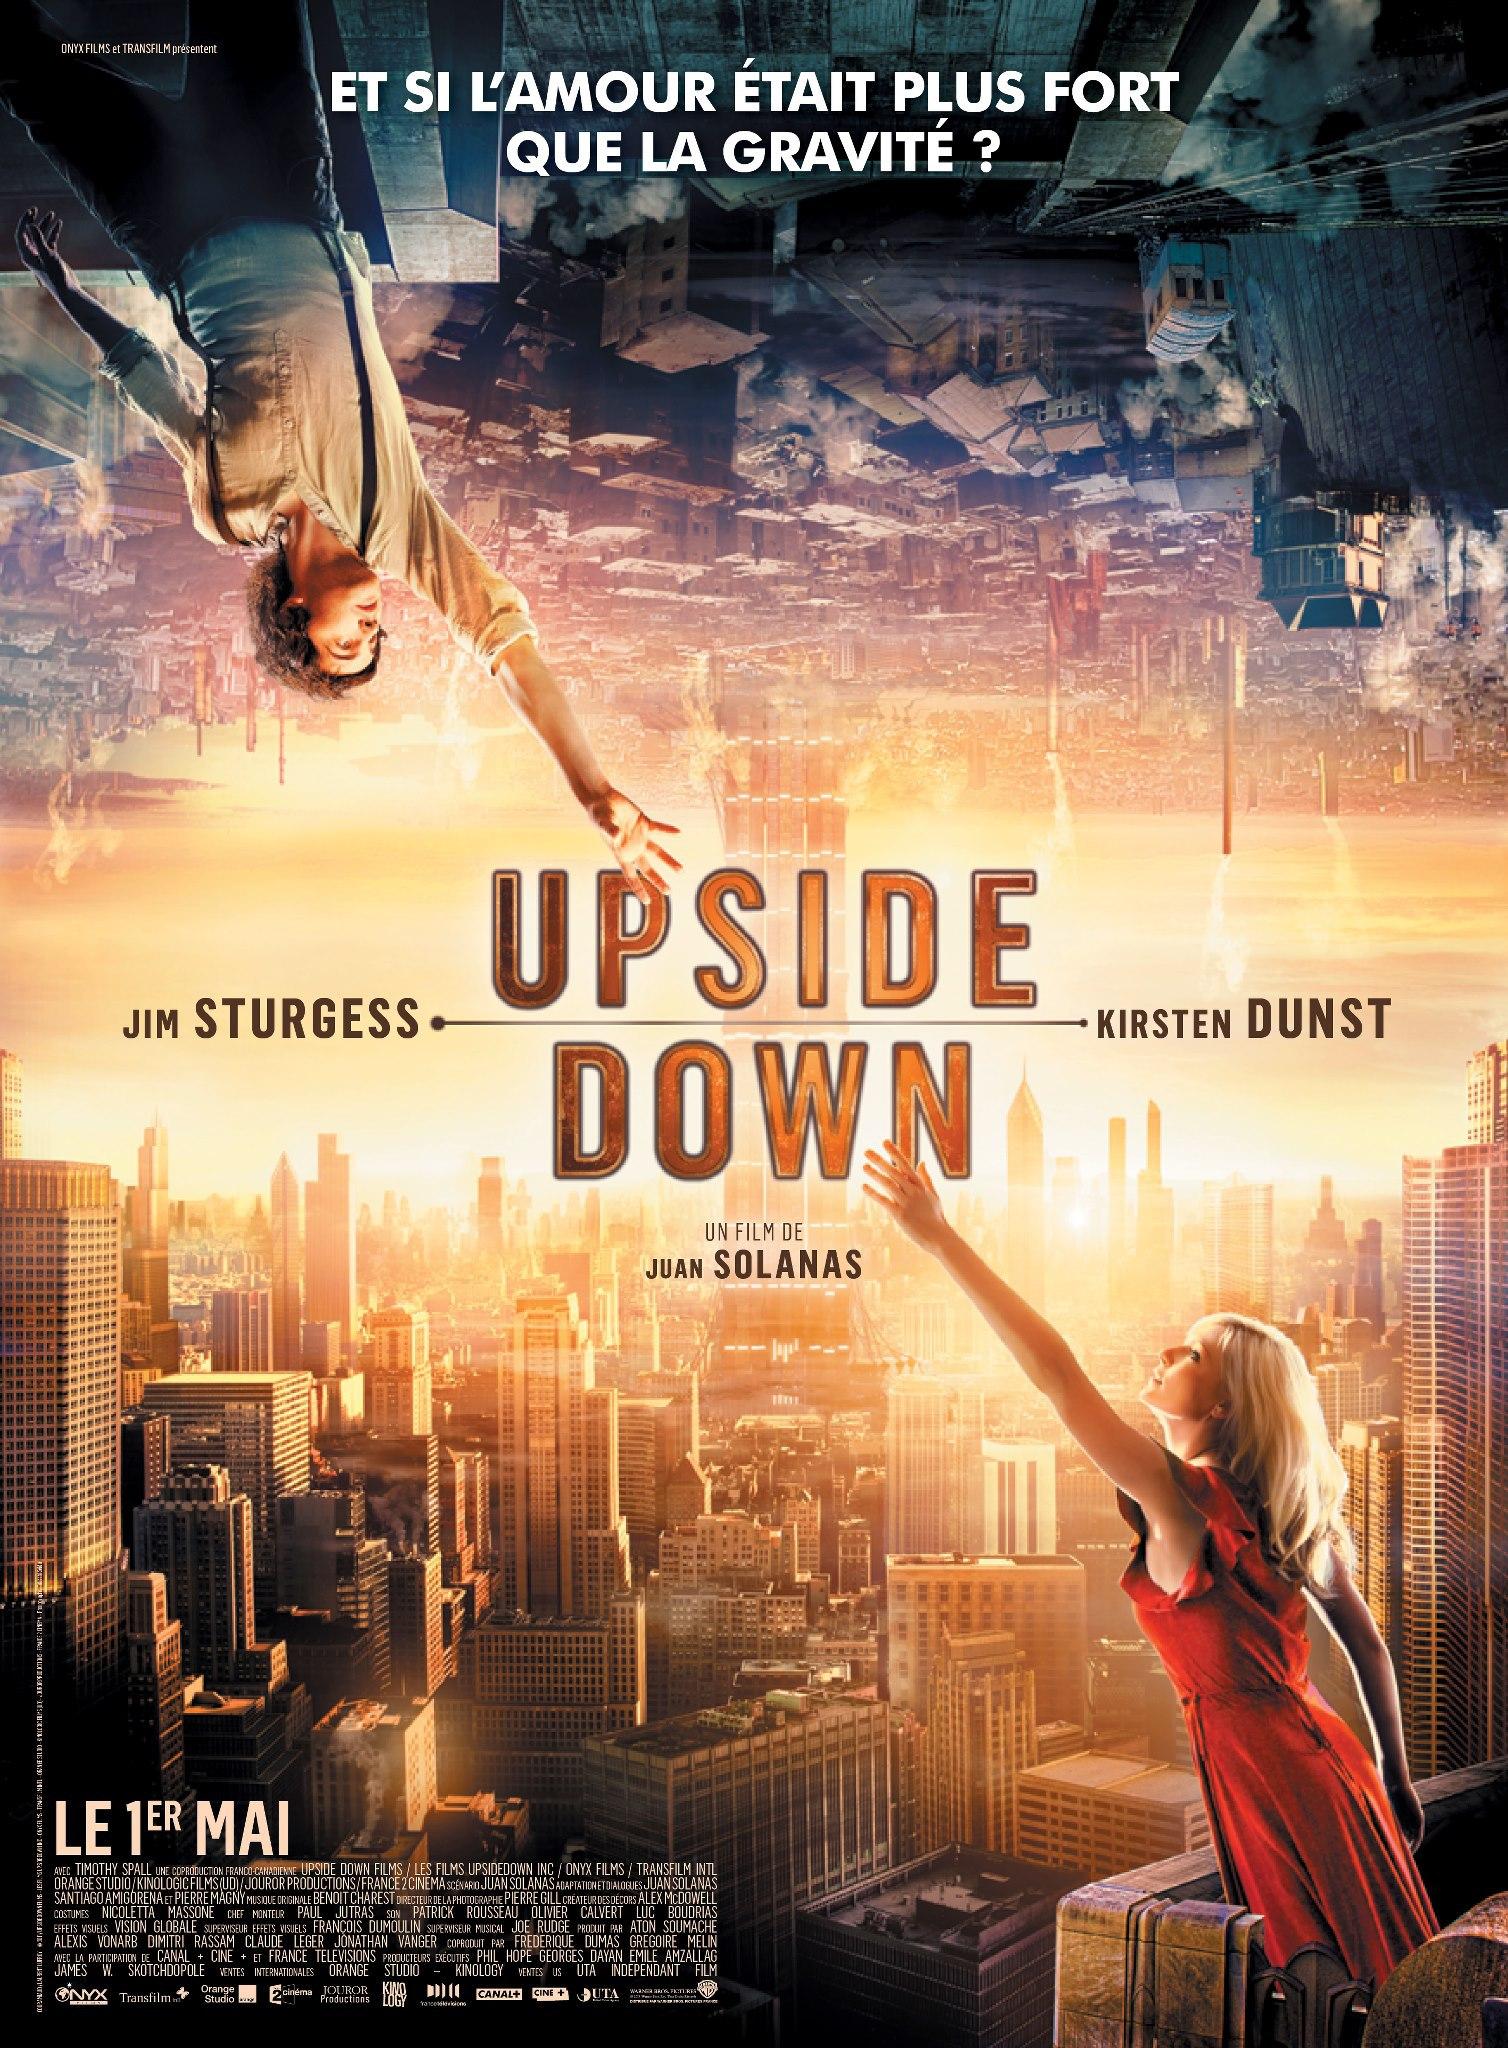 [critique] Upside Down